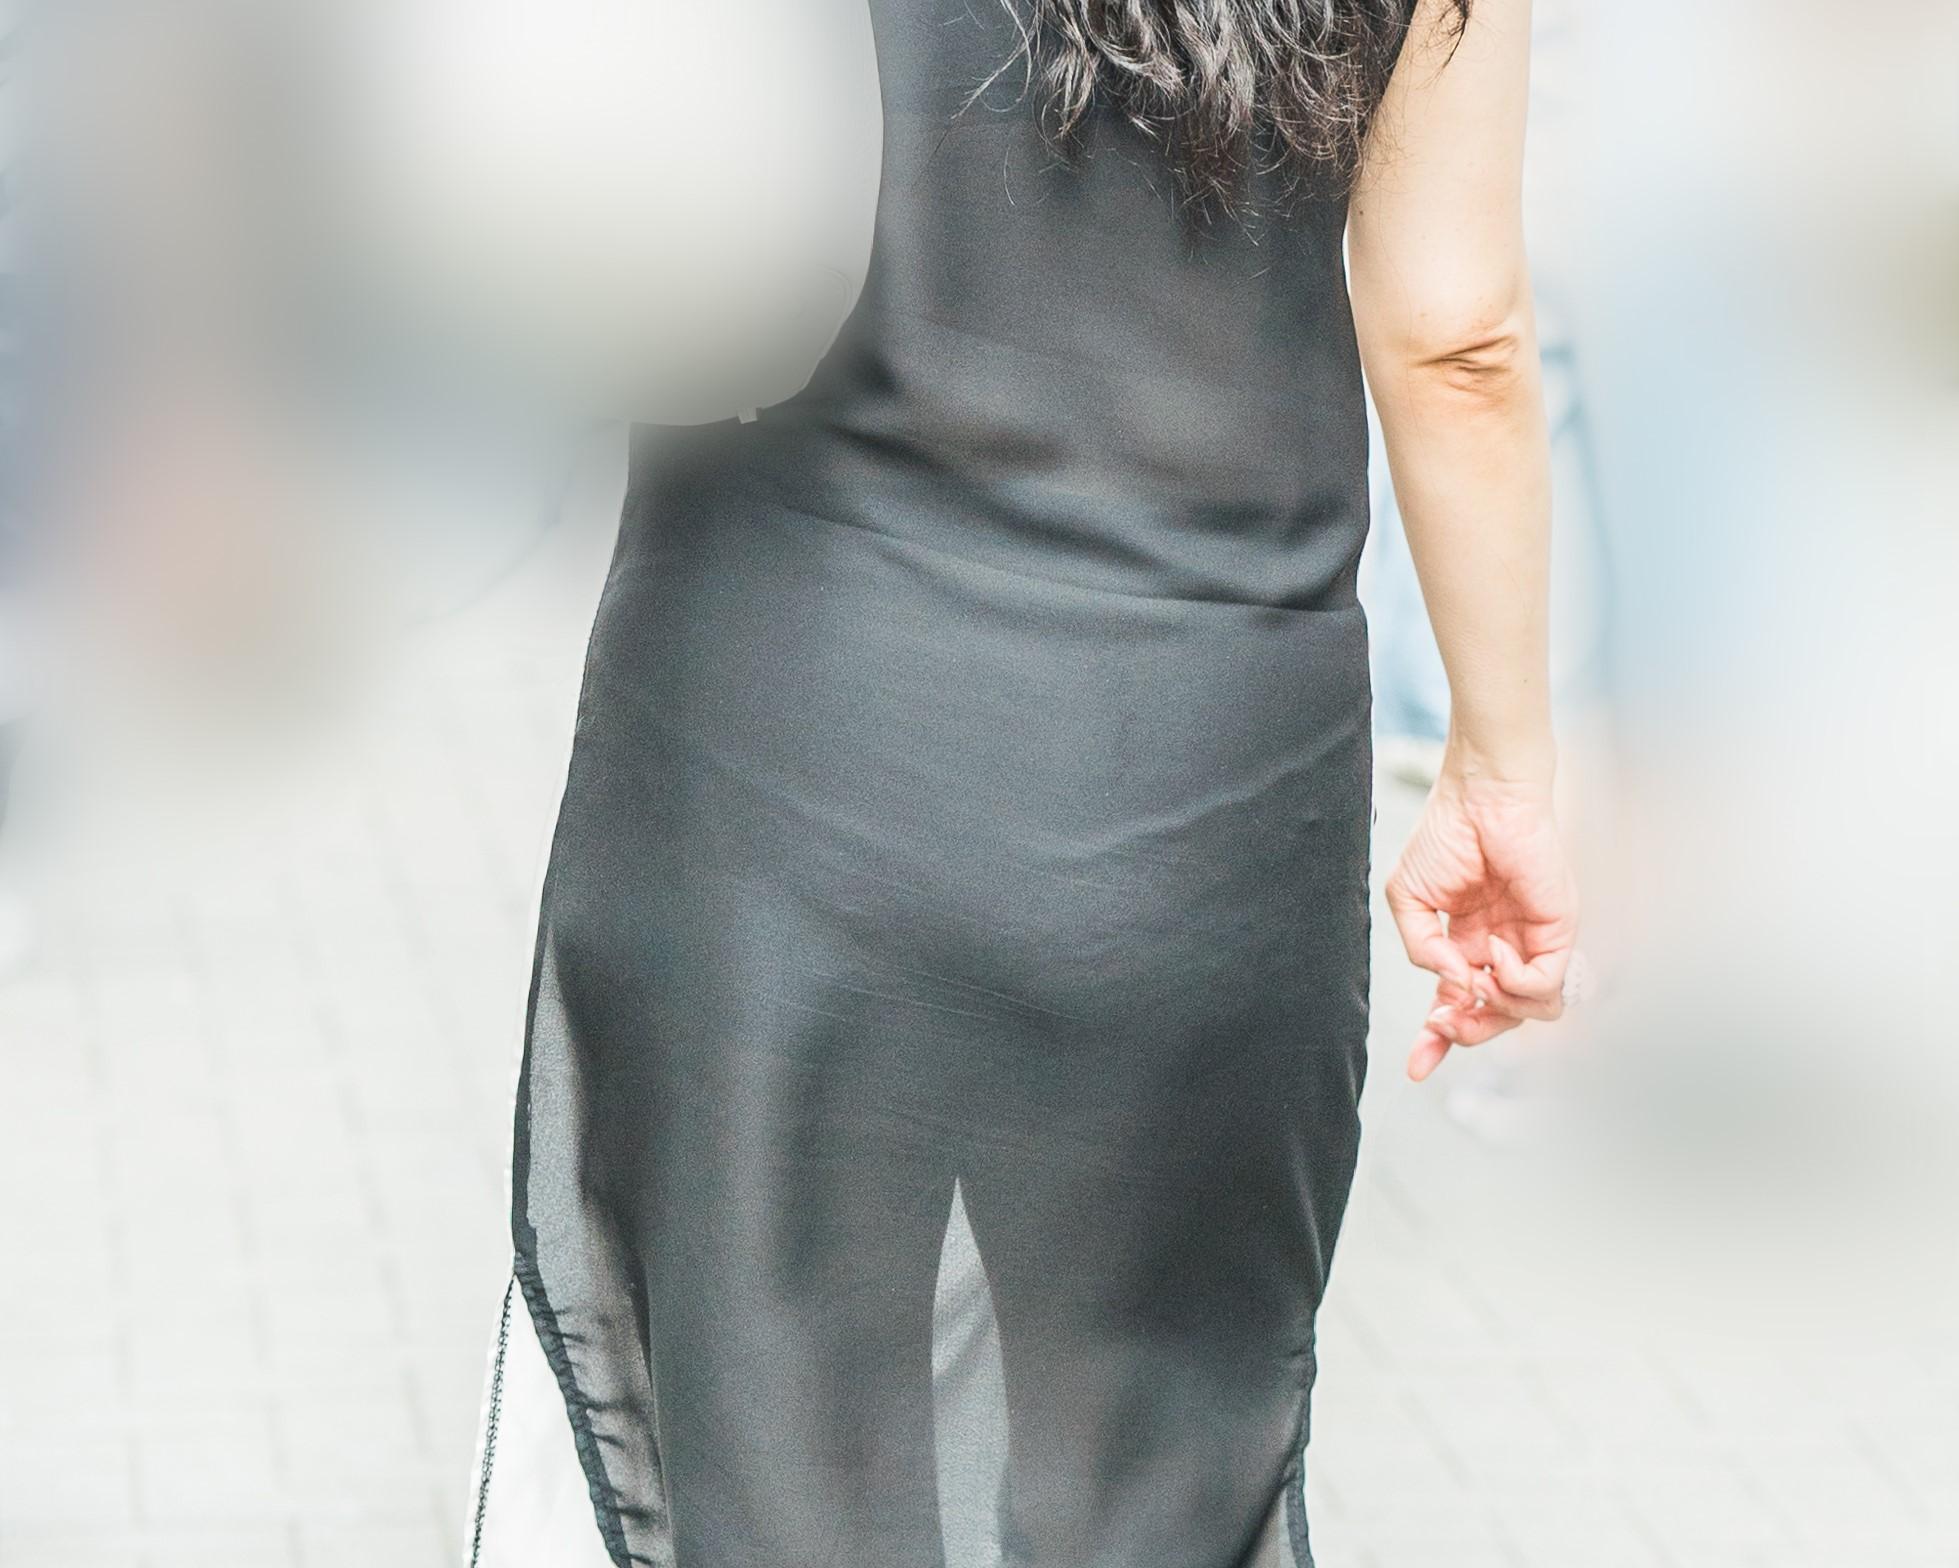 透けスカートでパンティほぼ丸見え!超絶エロい熟女のヒラヒラミニスカート!